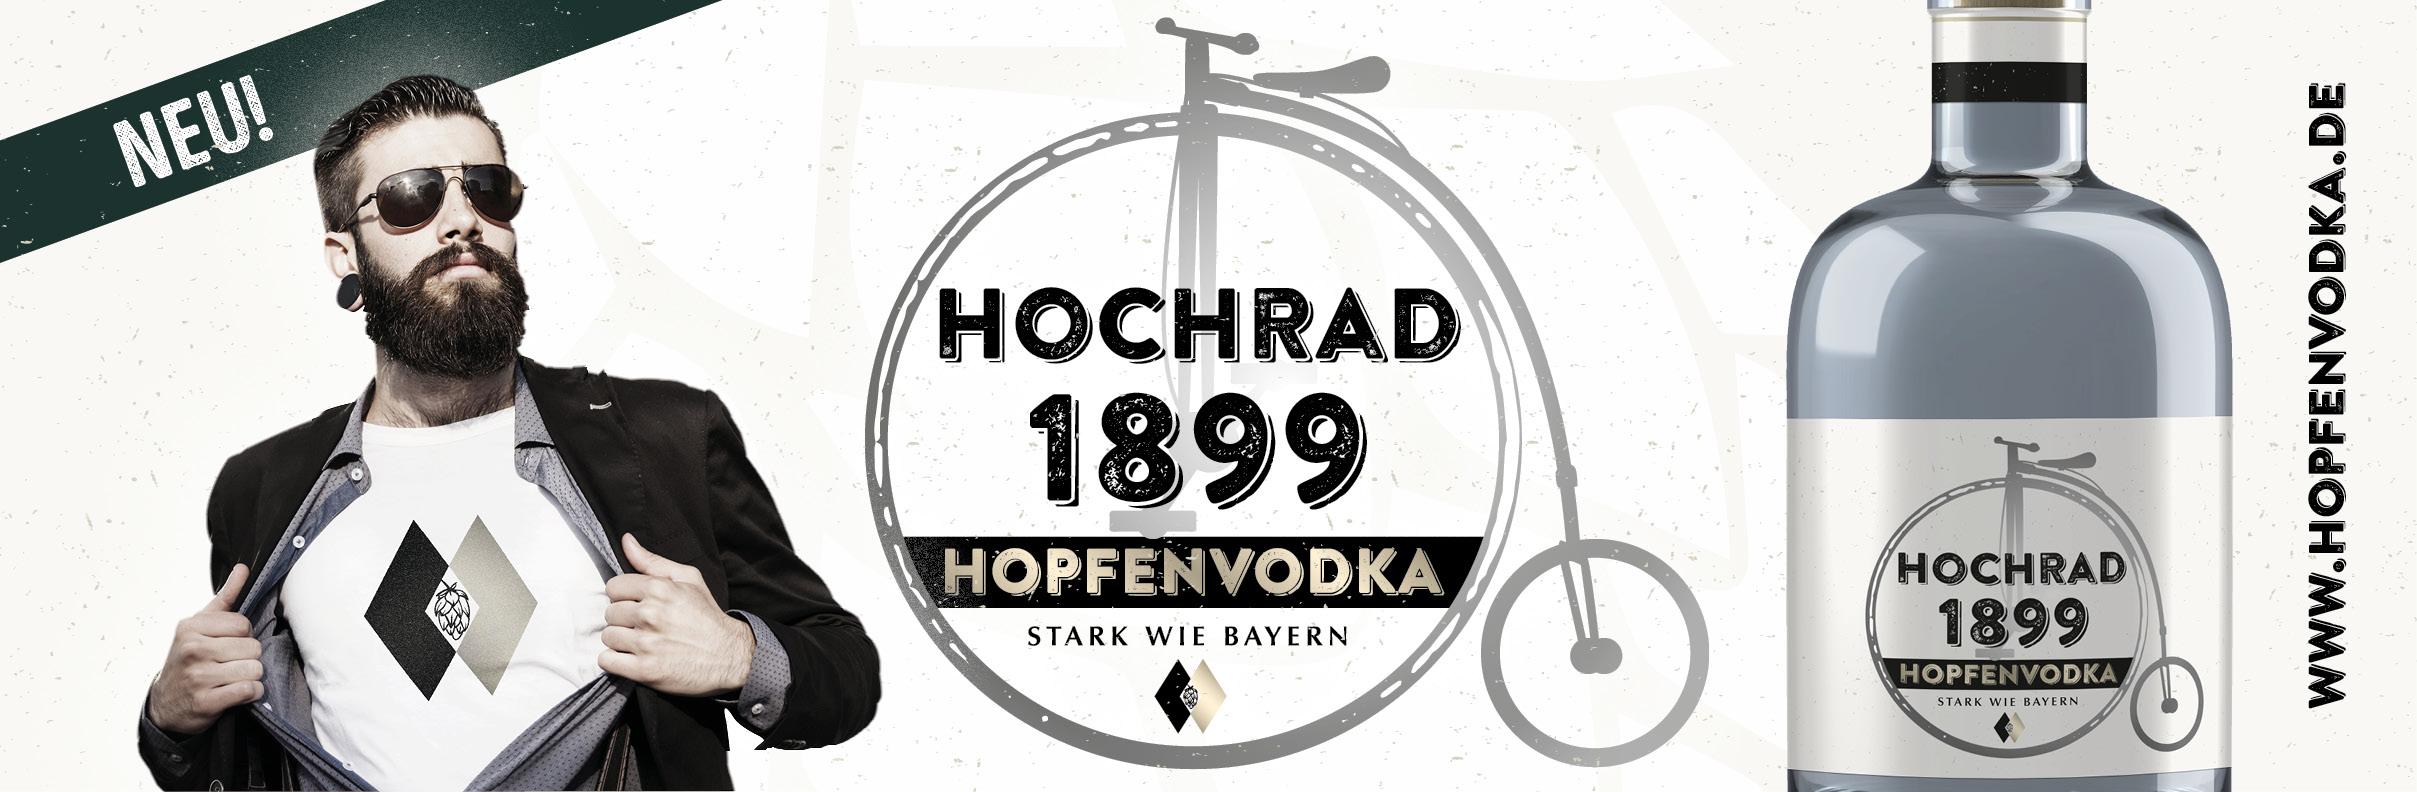 Hochrad 1899 Hopfenvodka